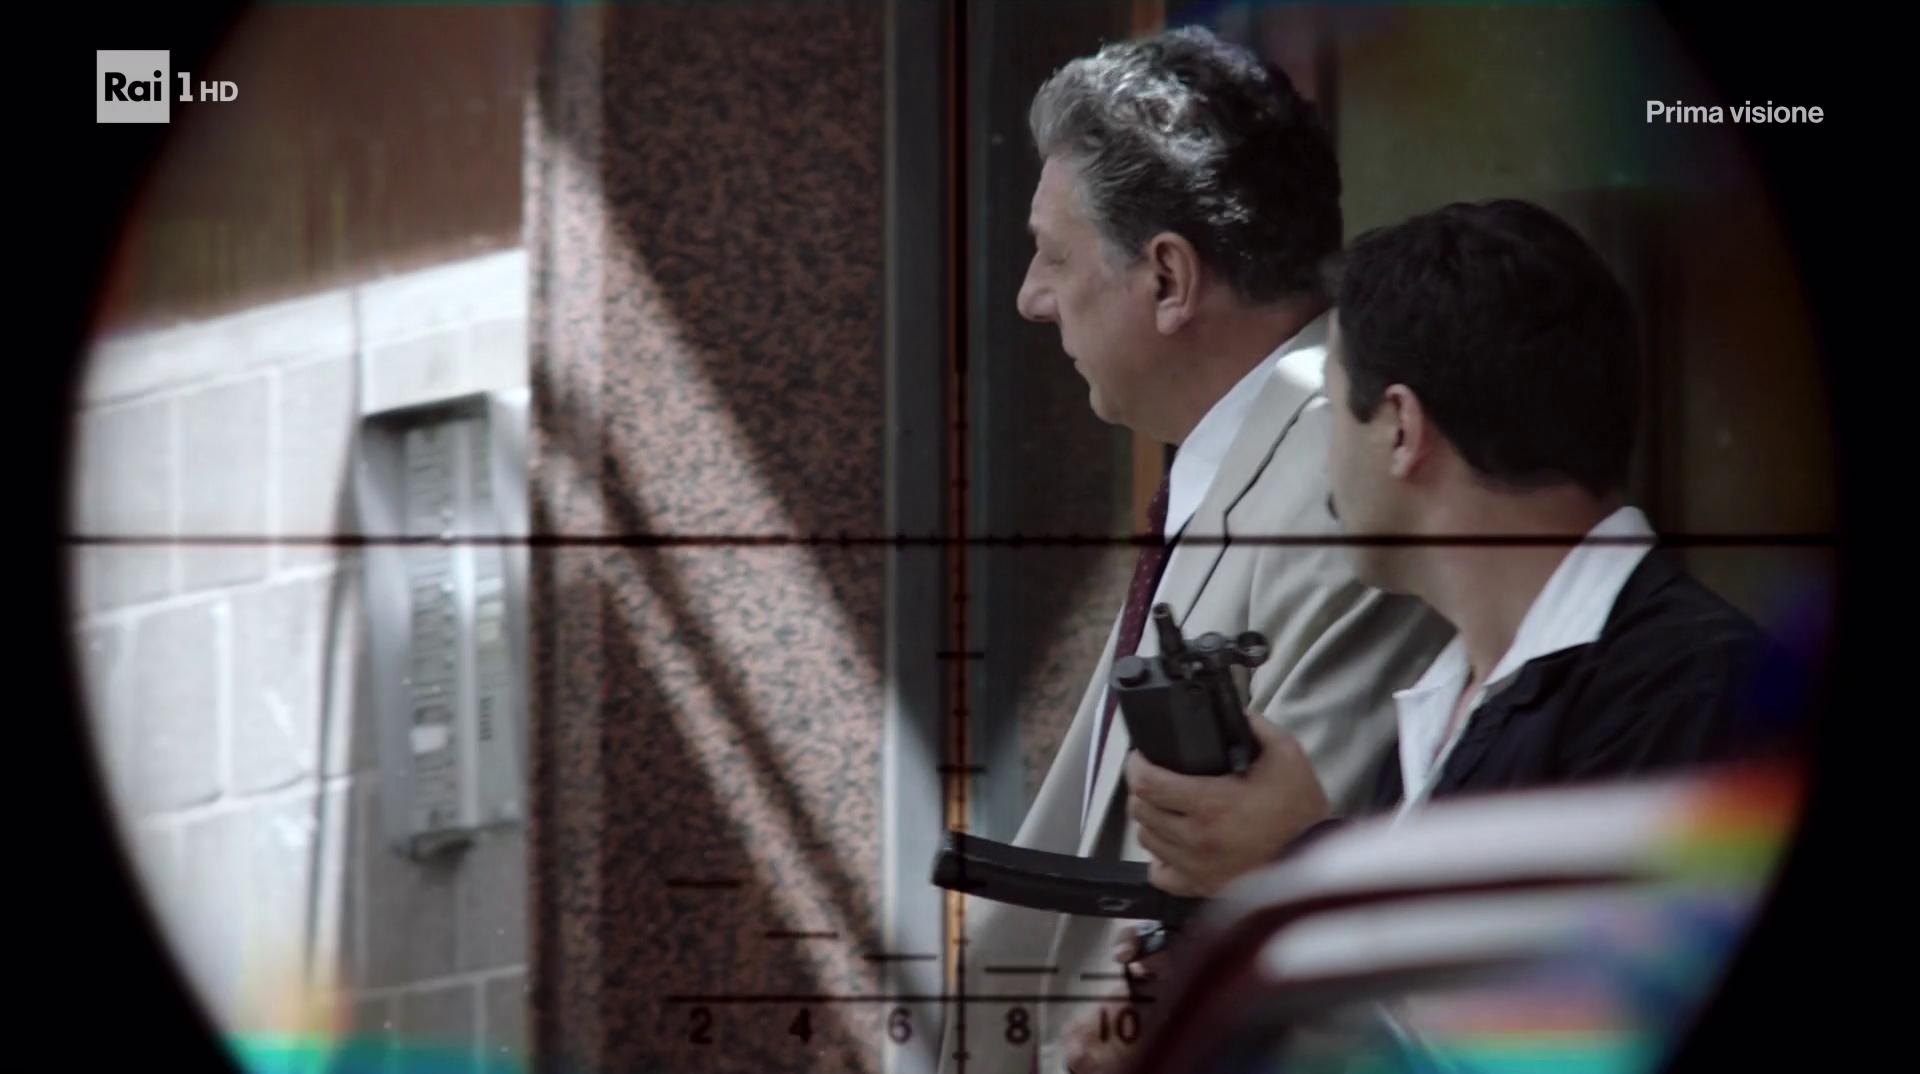 Rocco Chinnici: e Cosi Lieve Il Tuo Bacio Sulla Fronte - Miniserie (2018) HDTV 1080P ITA AC3 x264 mkv Vlcsnap-2018-01-24-18trscq